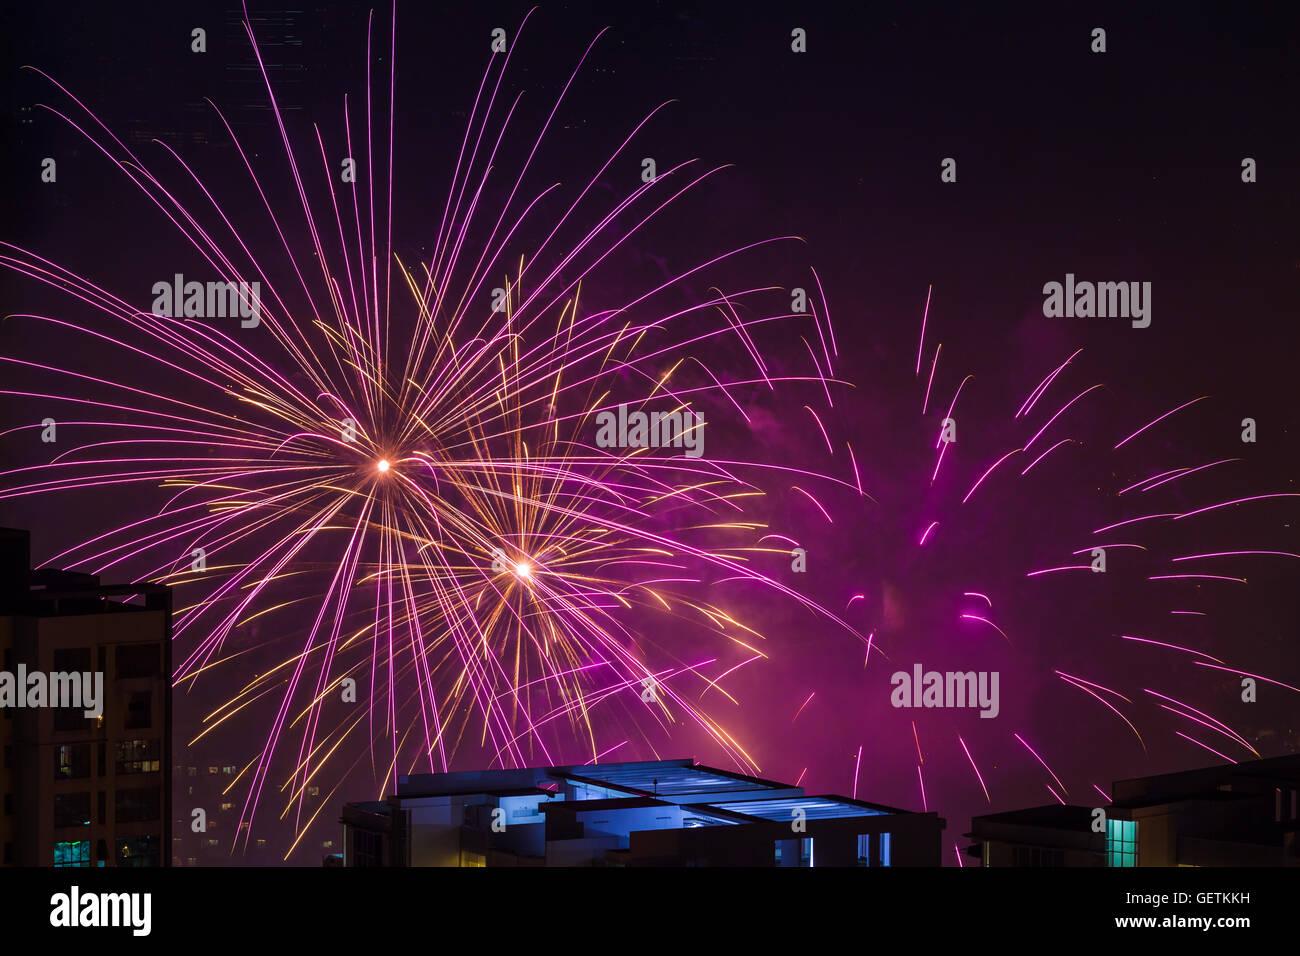 Multiple magenta pink fireworks burst above buildings - Stock Image